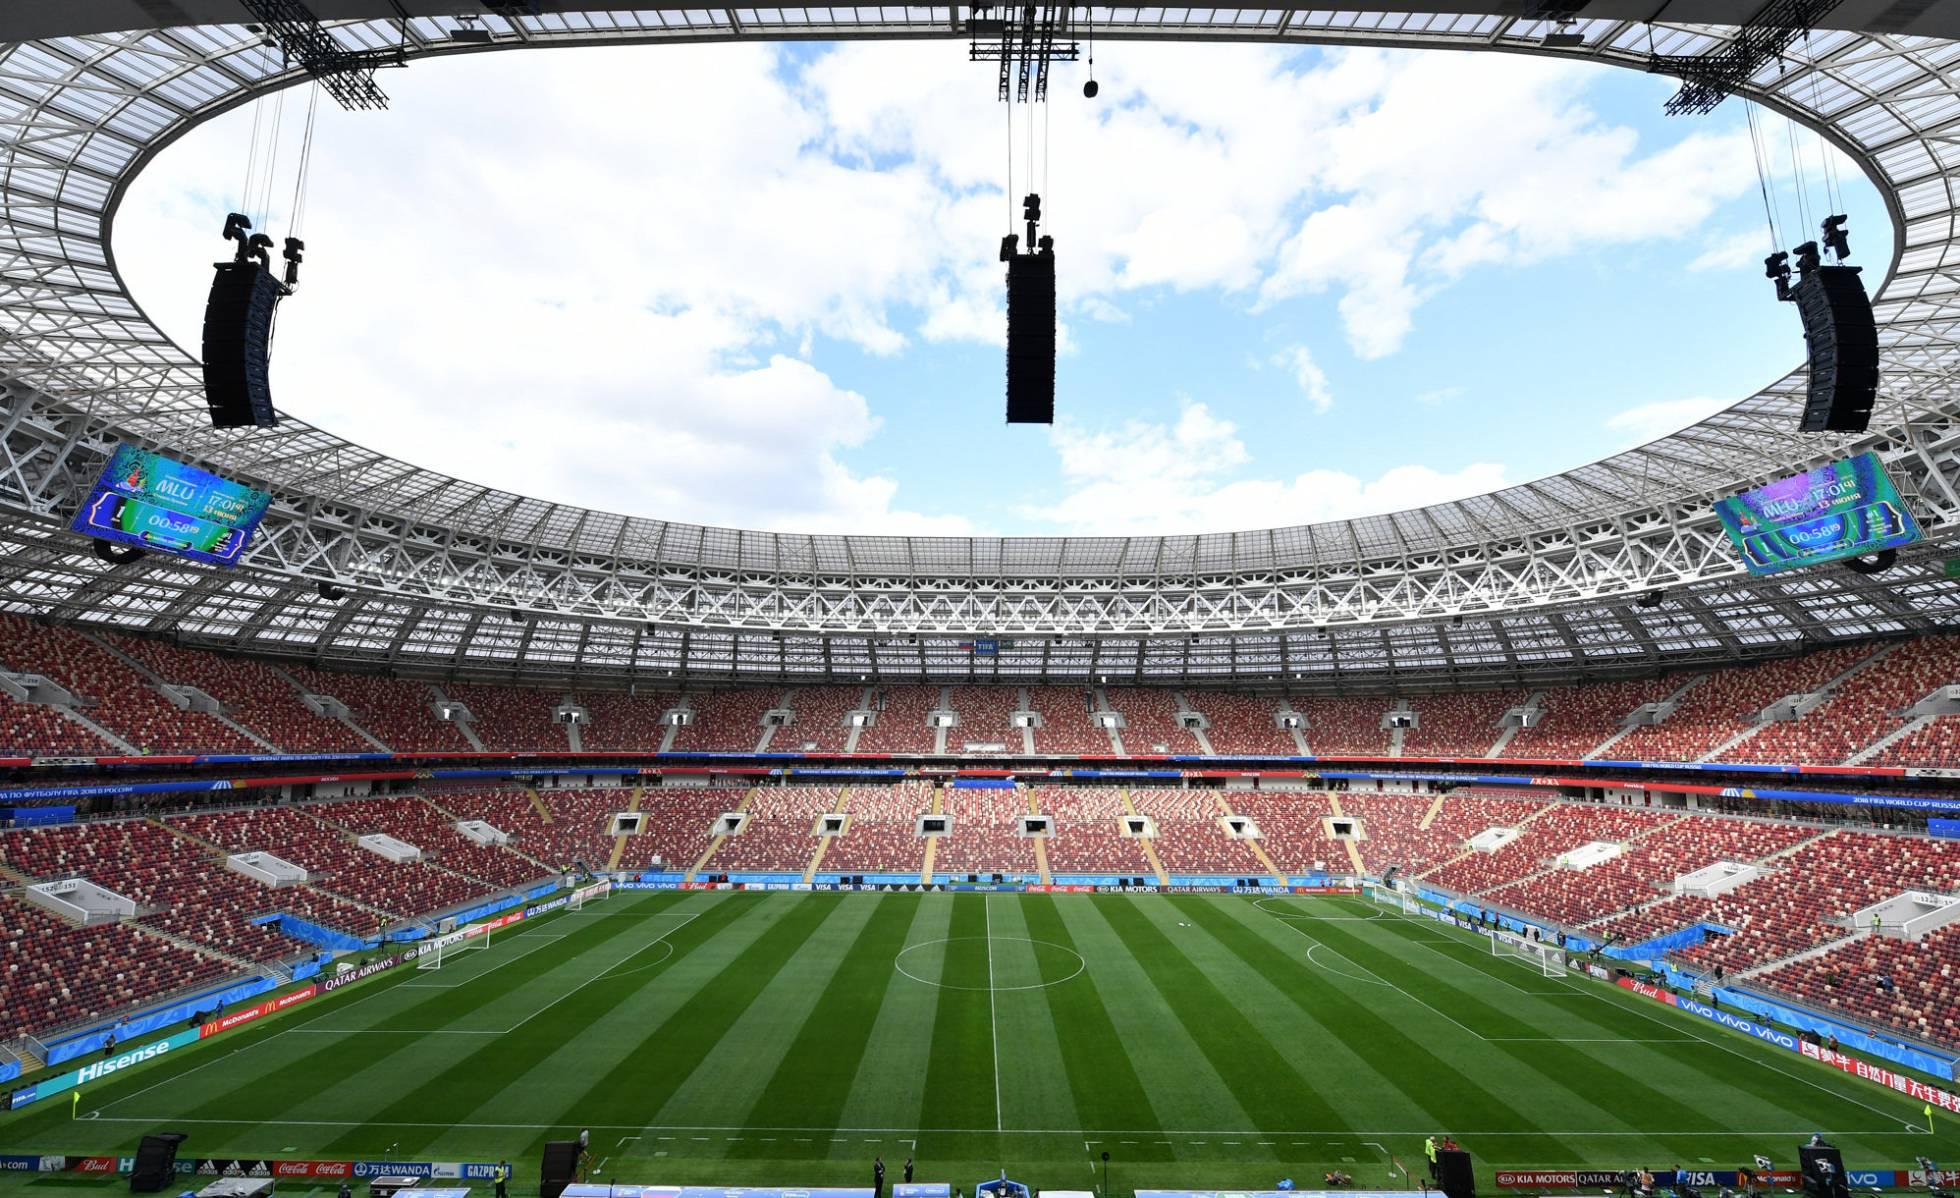 La gran fiesta del fútbol arranca con el Rusia-Arabia Saudí